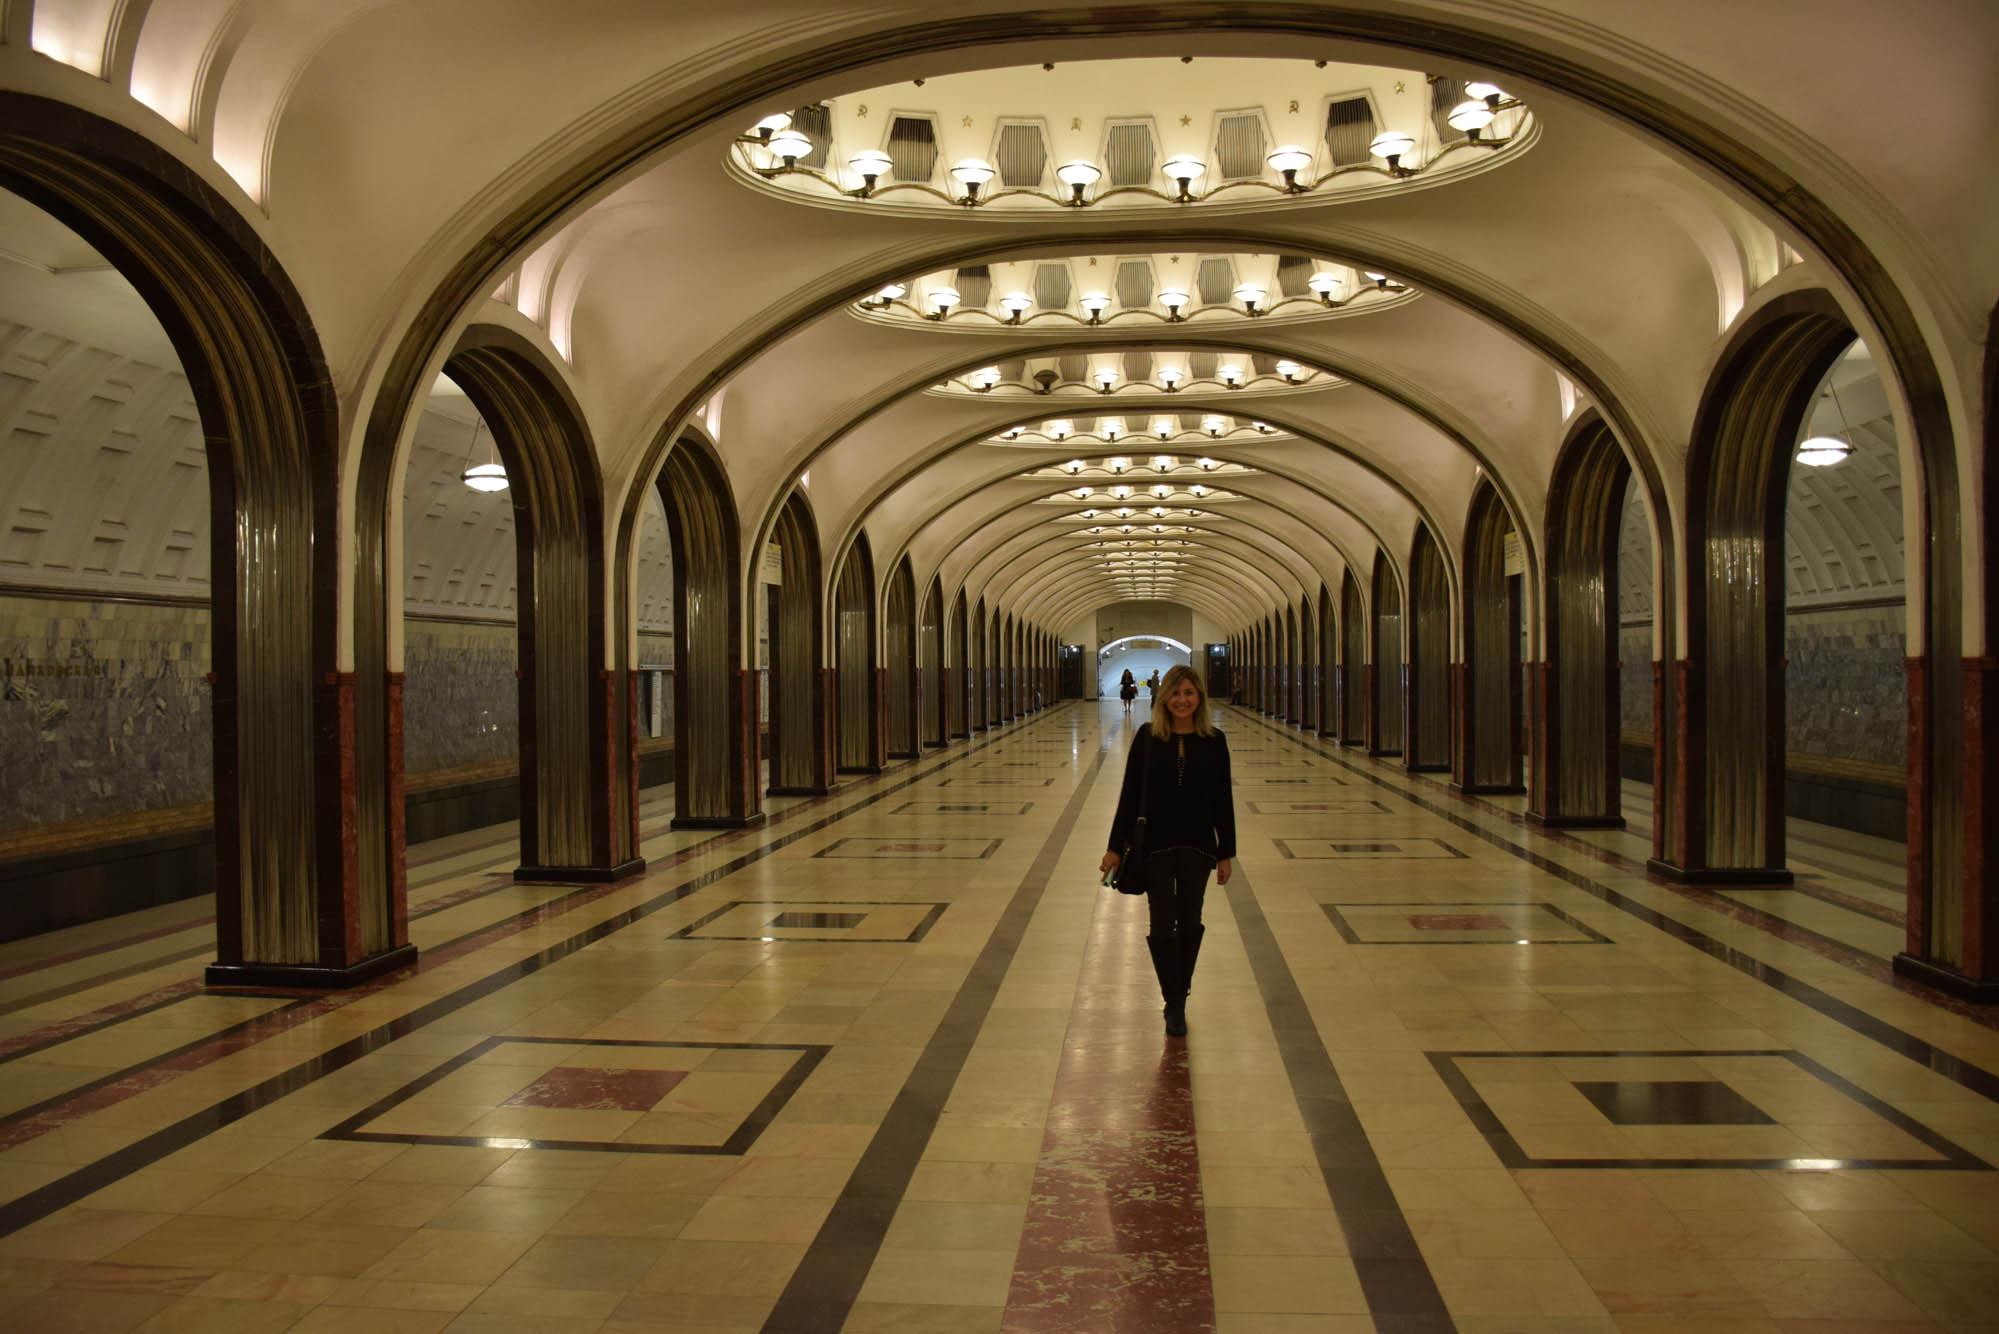 Estação Mayakóvskaya - Metrô de Moscou